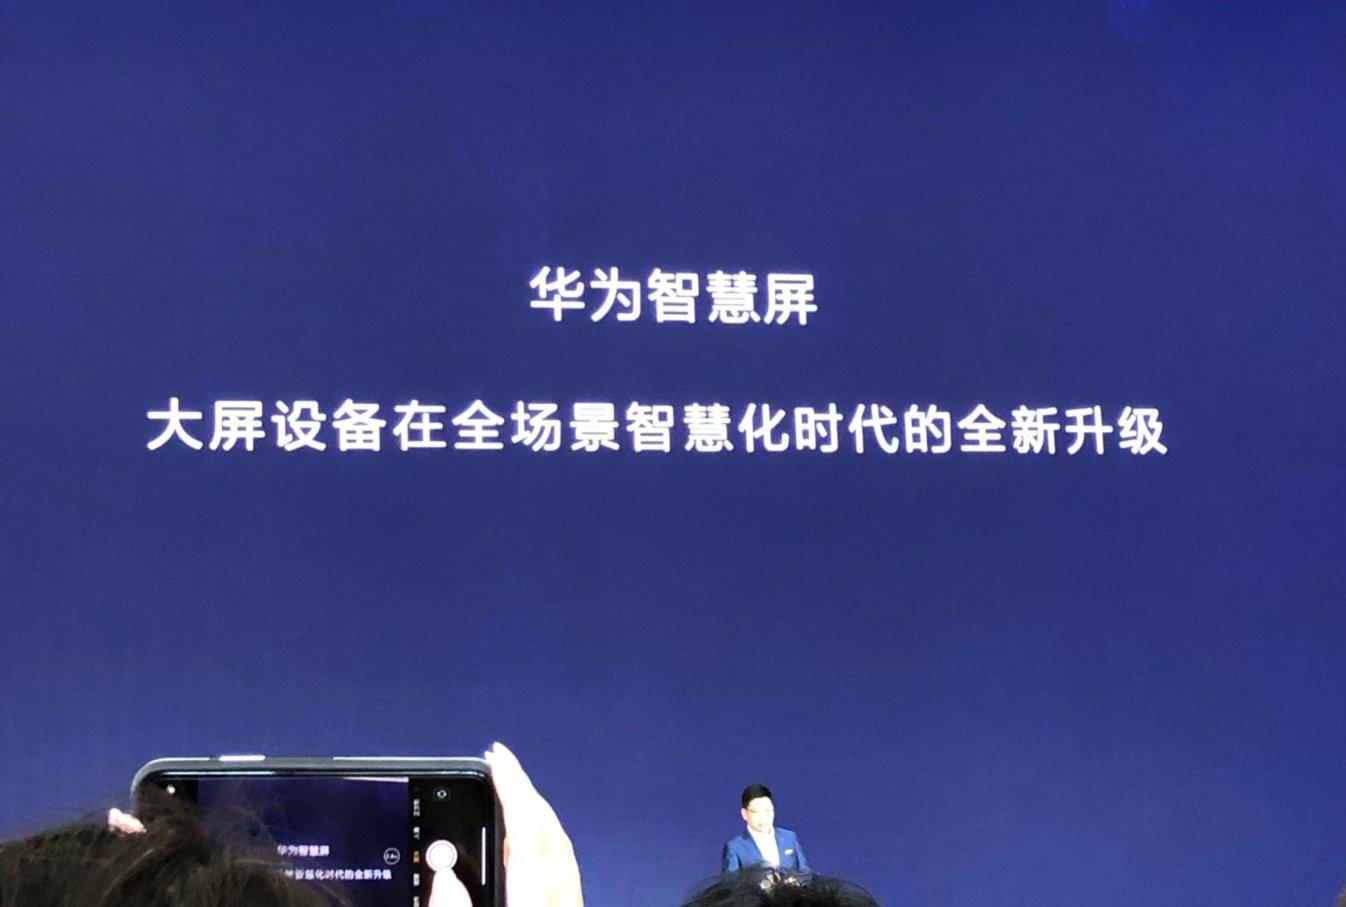 【图文直播】华为明升备用网站终端媒体沟通会:联接未来 未来有你